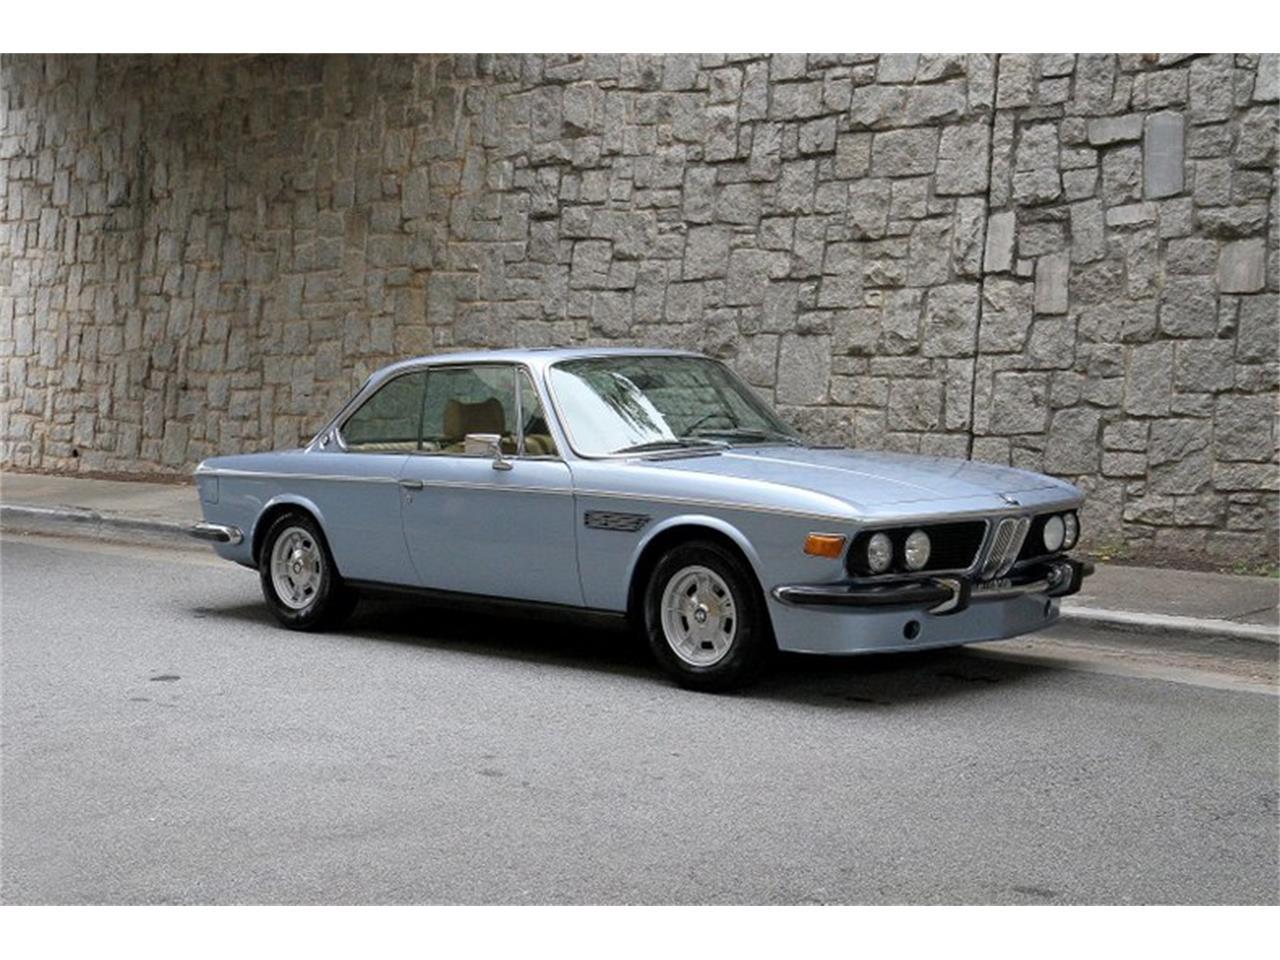 for sale 1972 bmw 3 series in atlanta, georgia cars - atlanta, ga at geebo